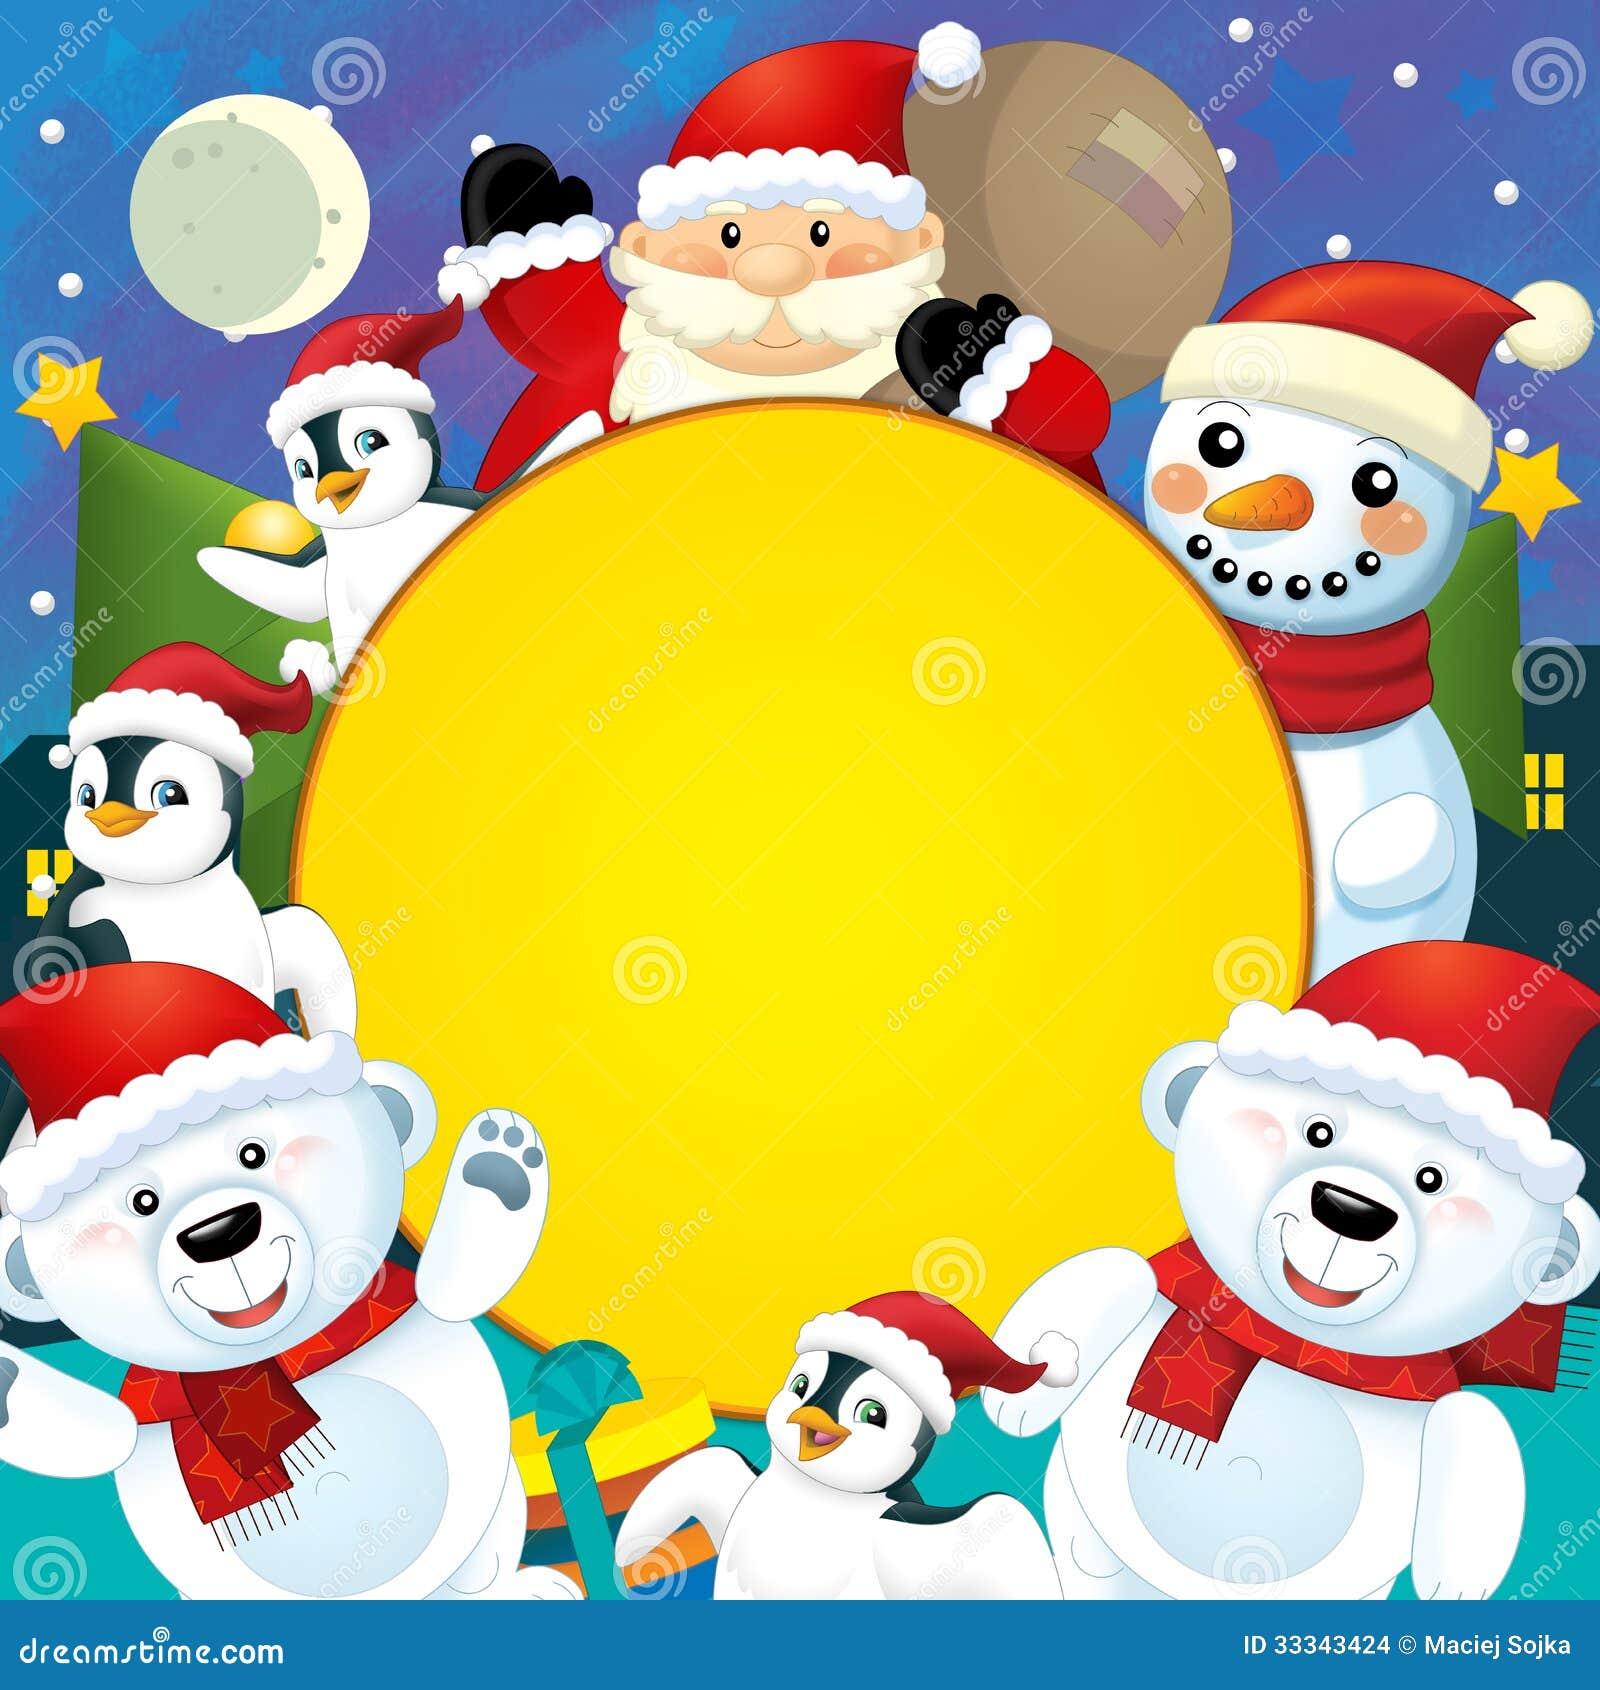 La navidad colorida tarjeta de felicitaci n ejemplo - Postales de navidad para hacer con ninos ...